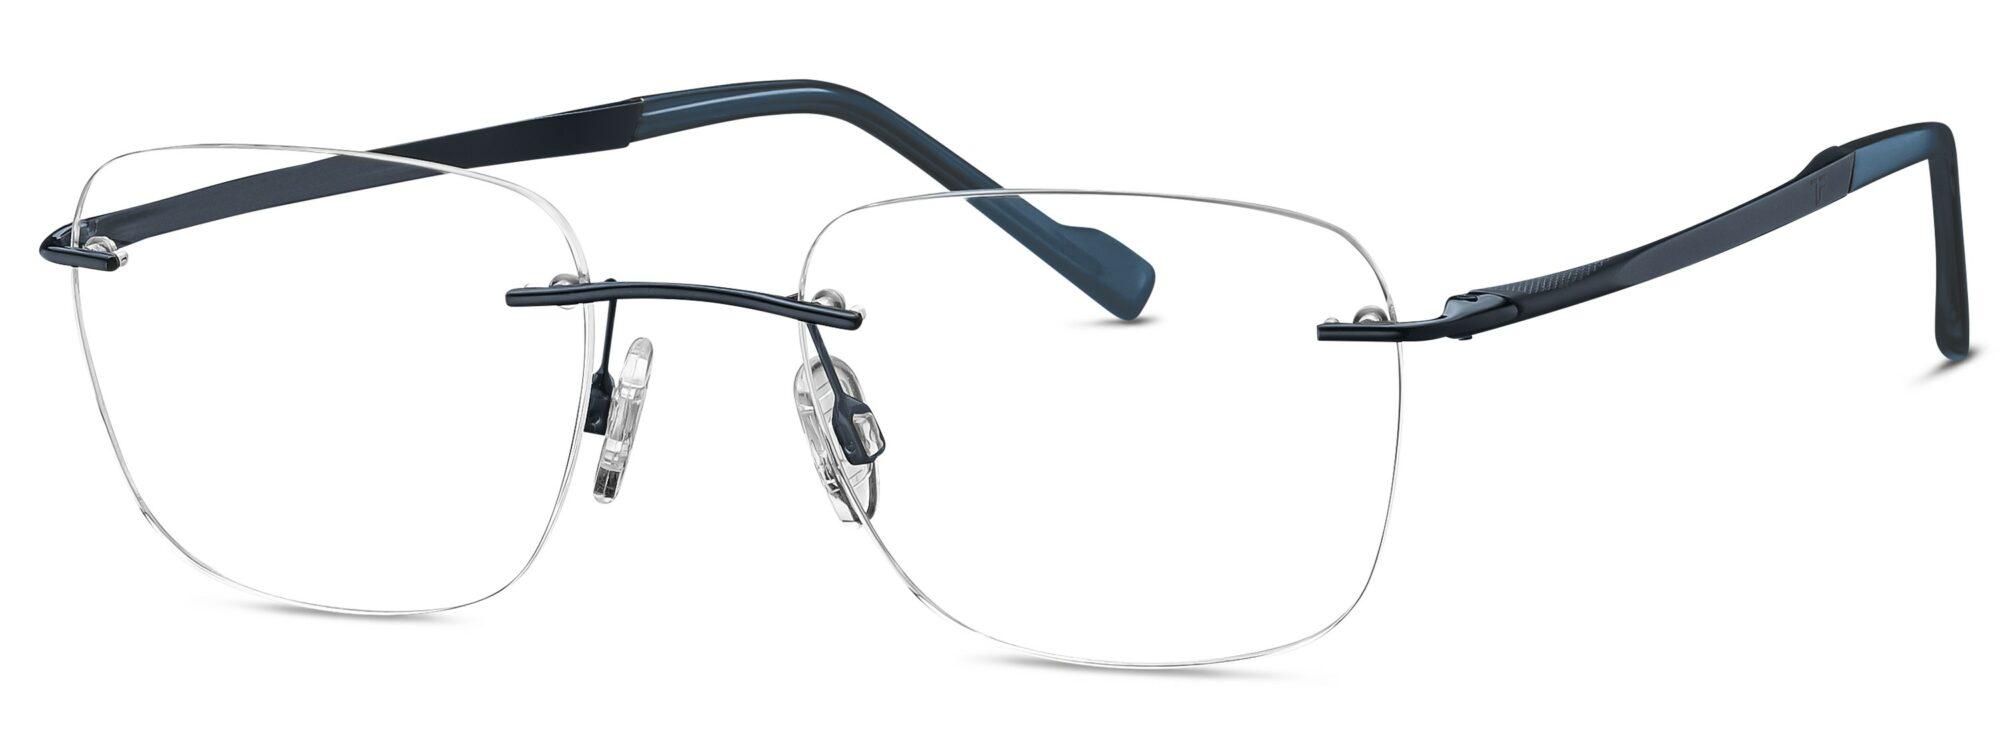 TITANFLEX - 823013-70